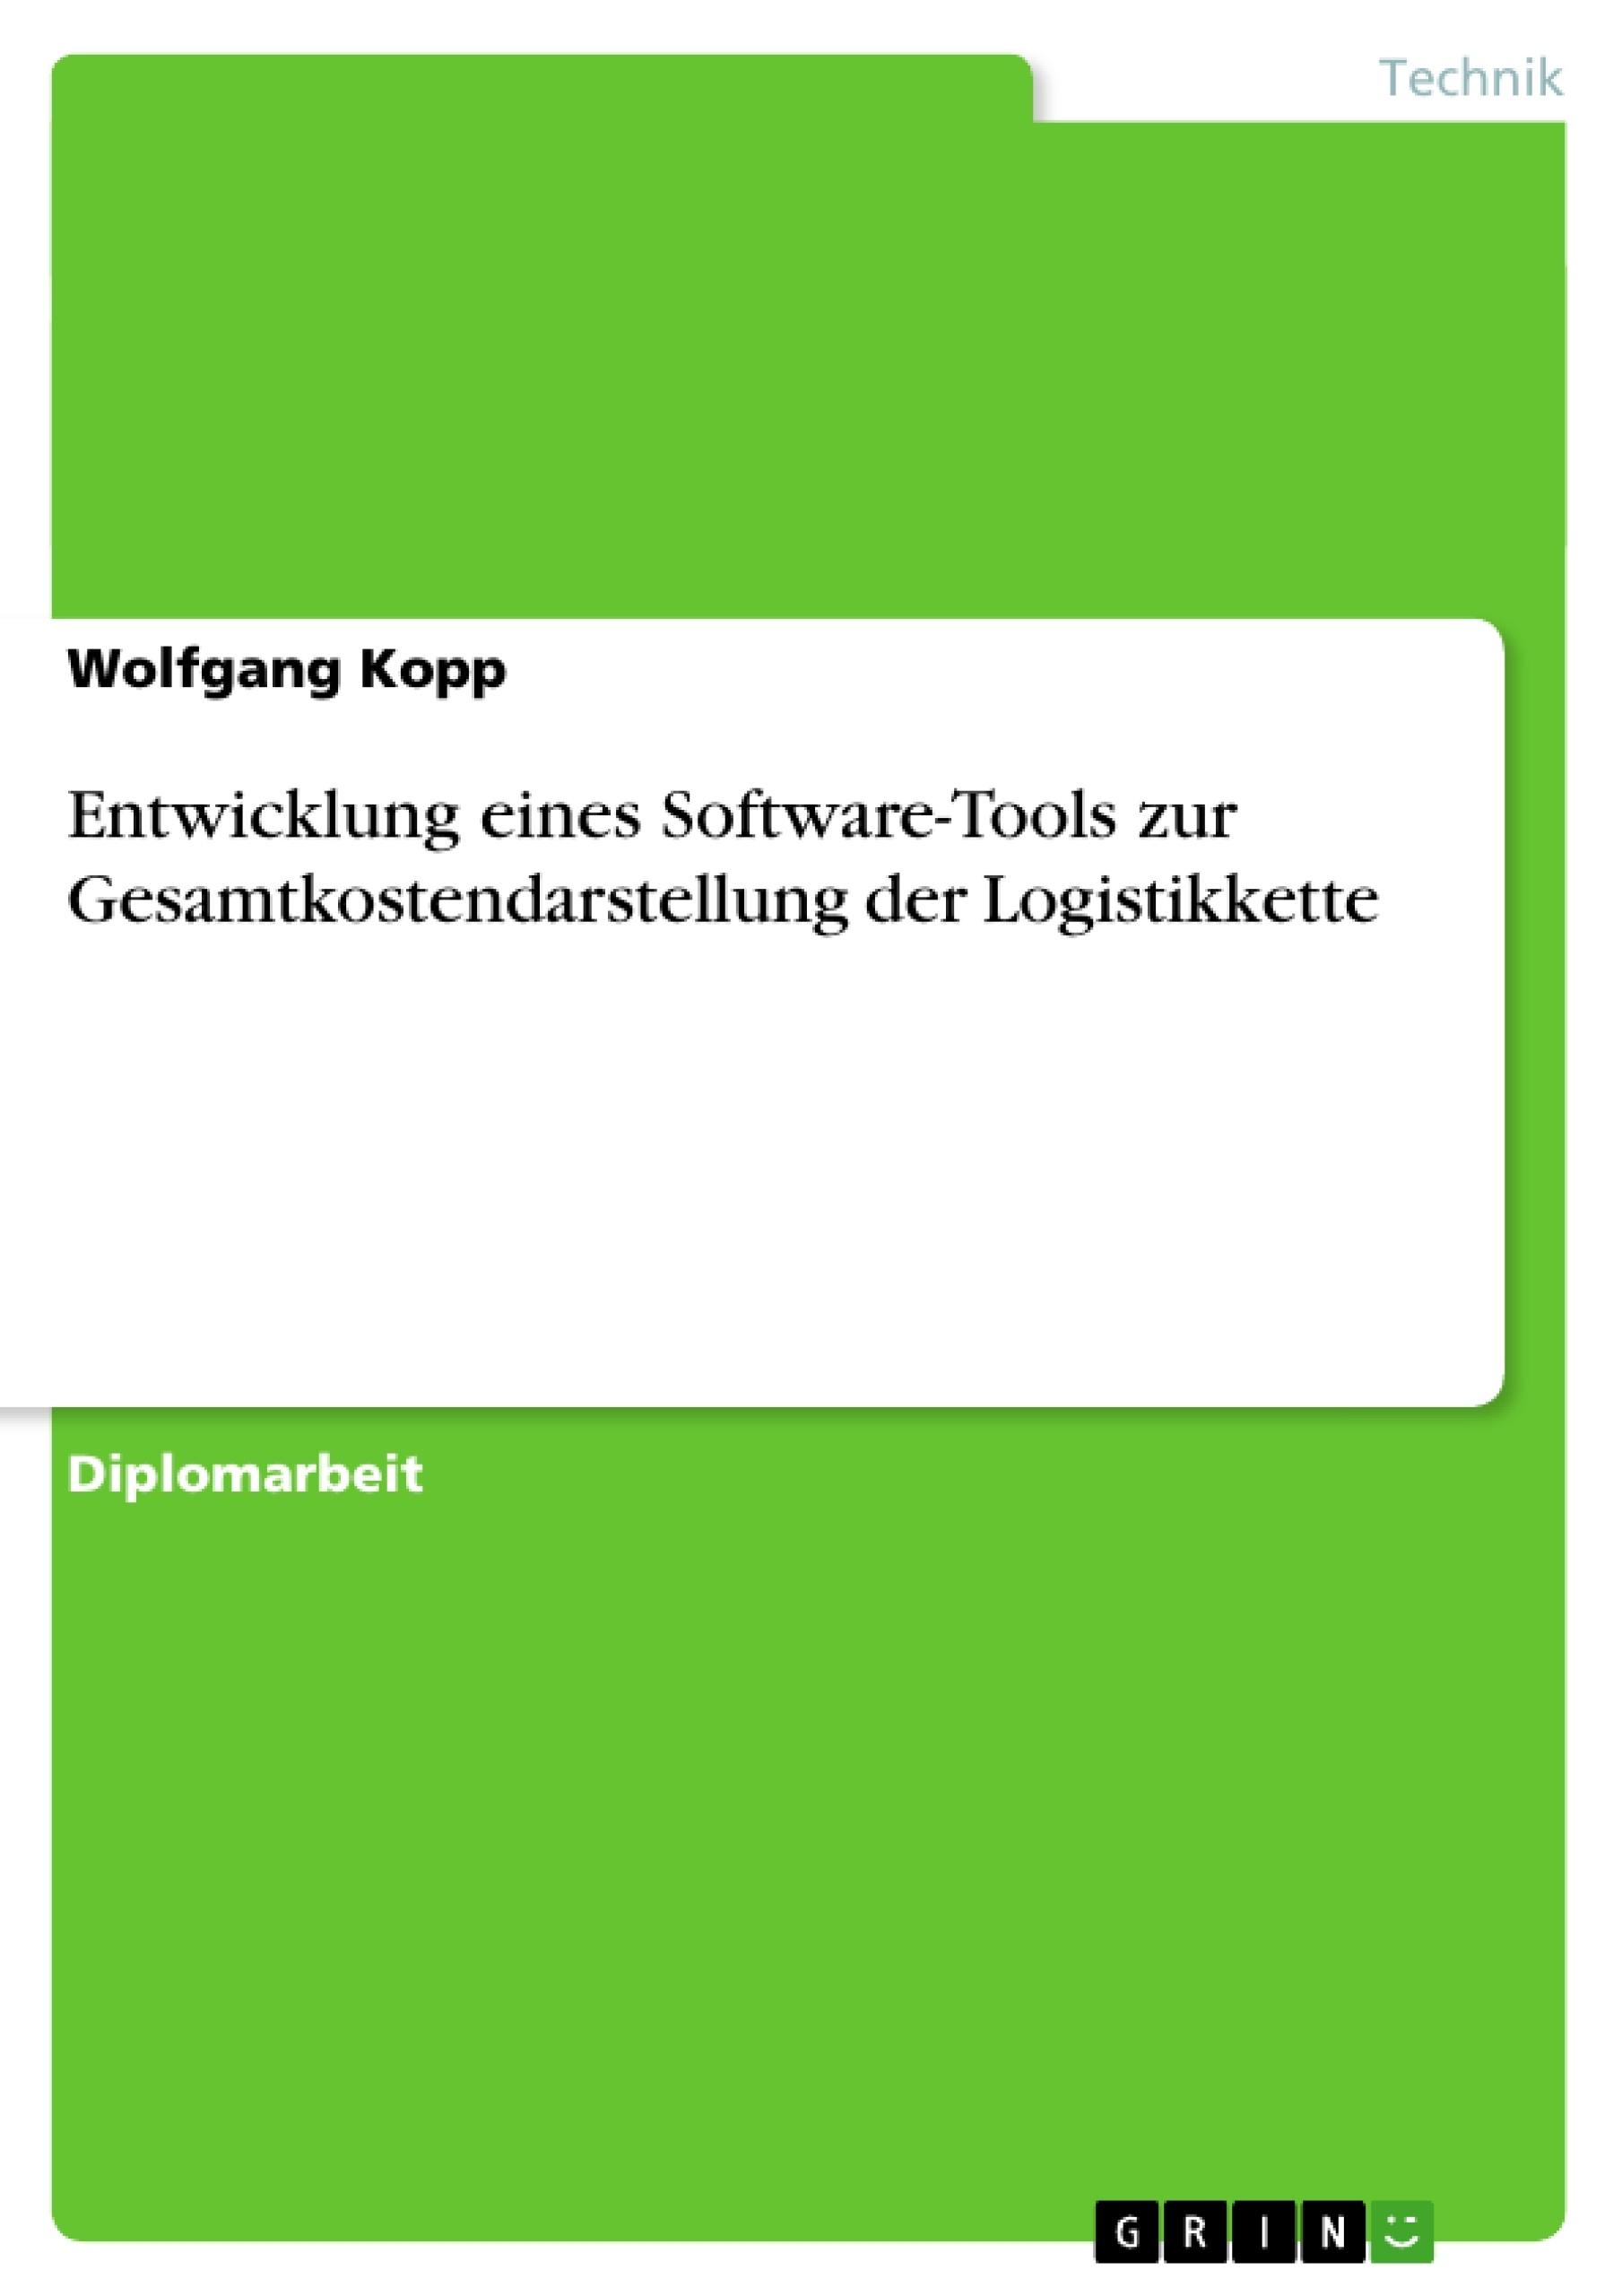 Titel: Entwicklung eines Software-Tools zur Gesamtkostendarstellung der Logistikkette